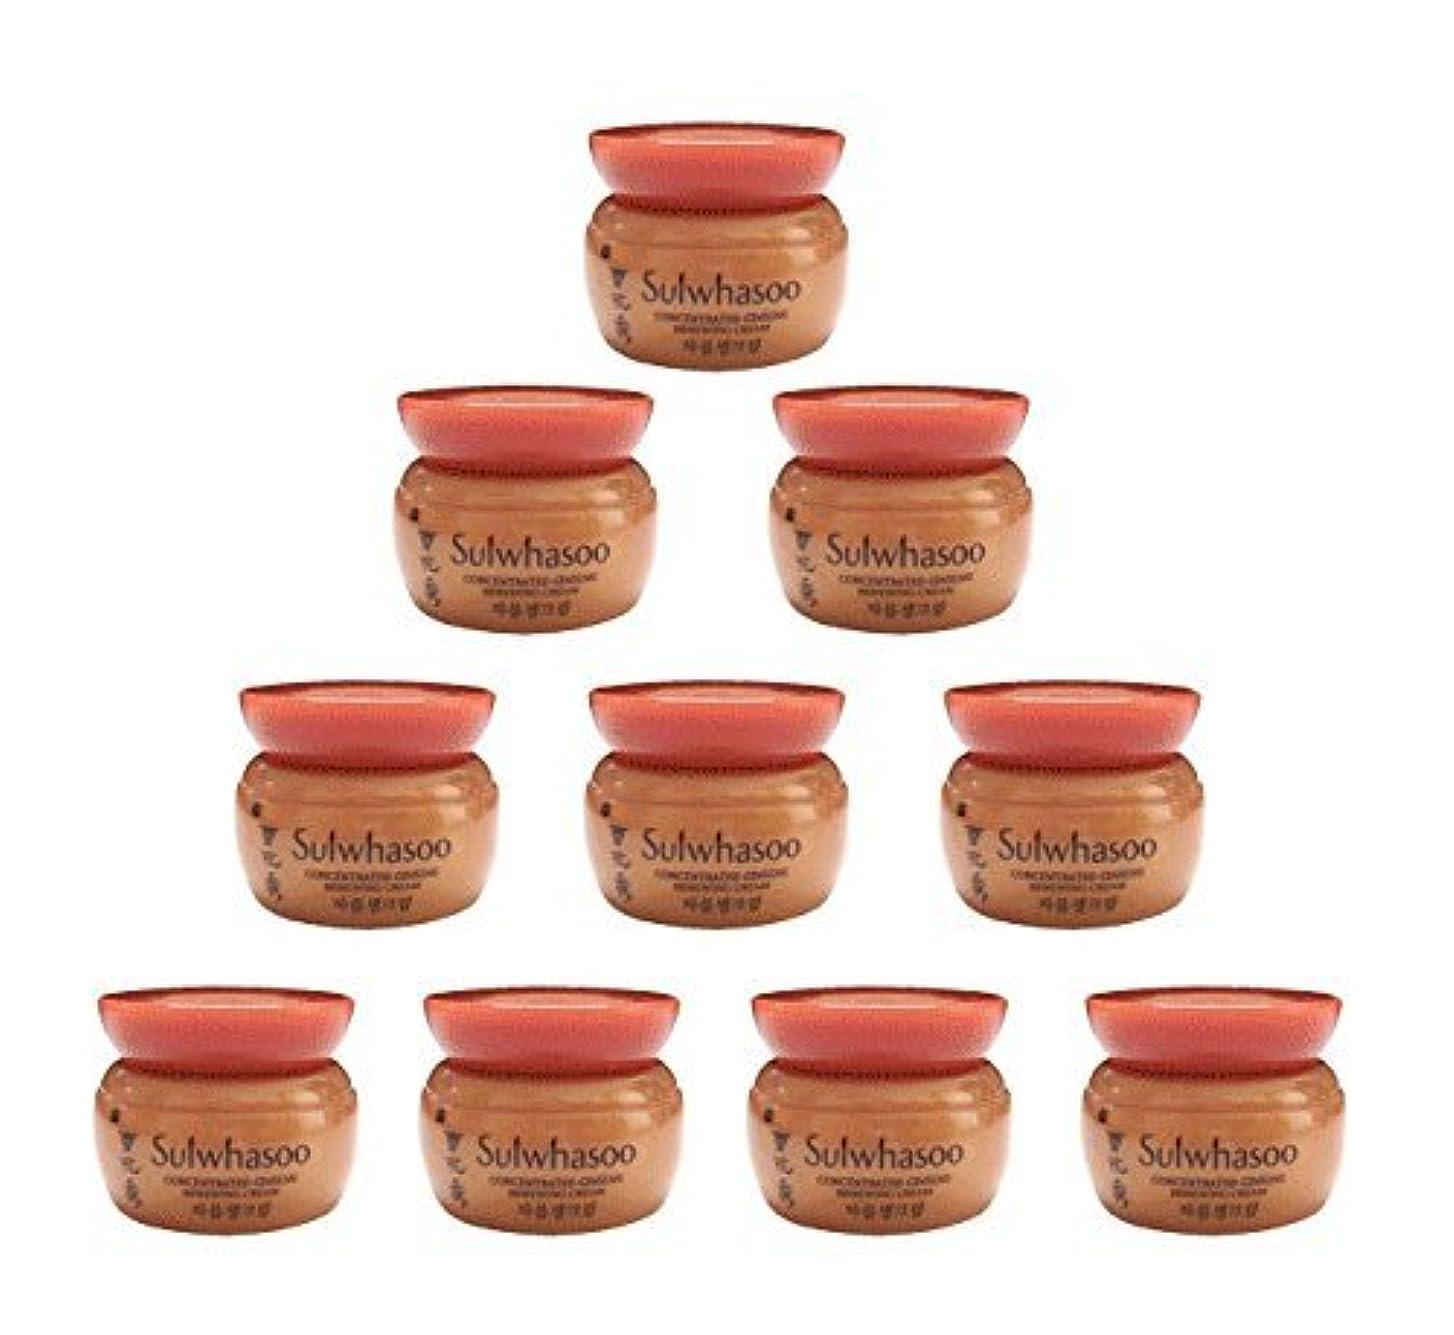 子供時代放棄するフリース【ソルファス 雪花秀 Sulwhasoo】 Concentrated Ginseng Renewing Cream(50ml) 5ml x 10個 韓国化粧品 ブランドのサンプル [並行輸入品]